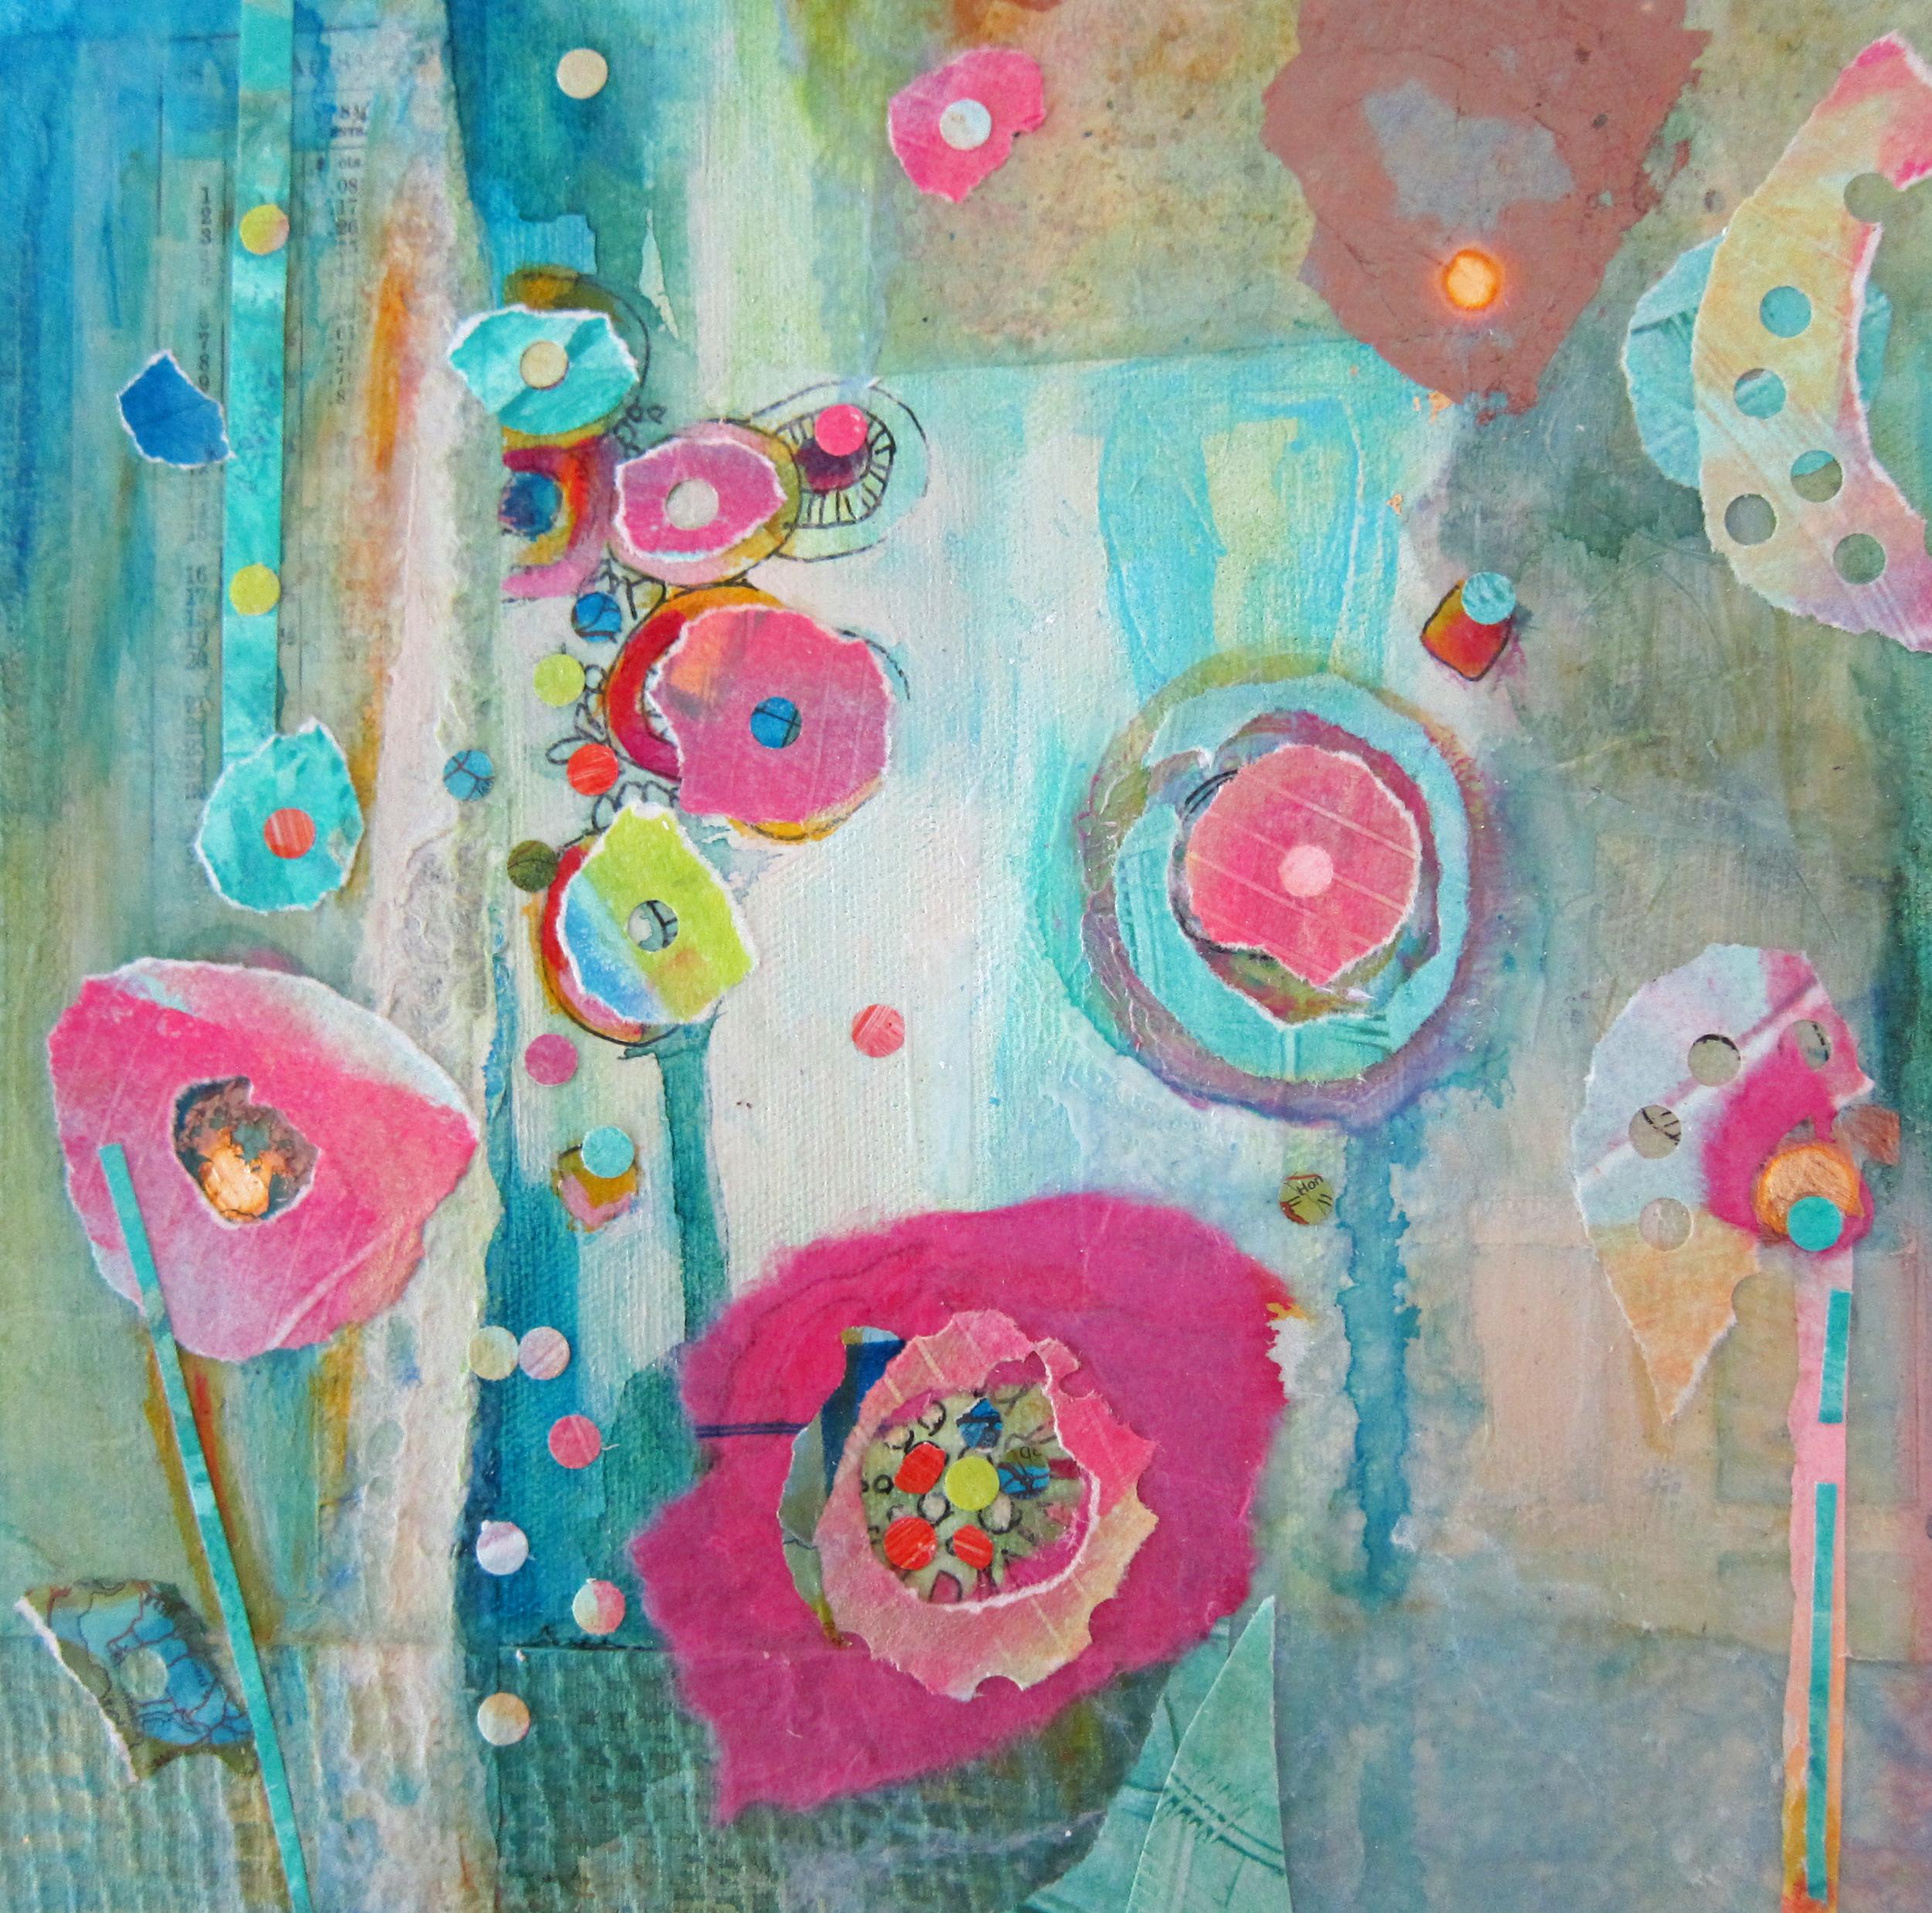 flowers 12 by 12.jpg